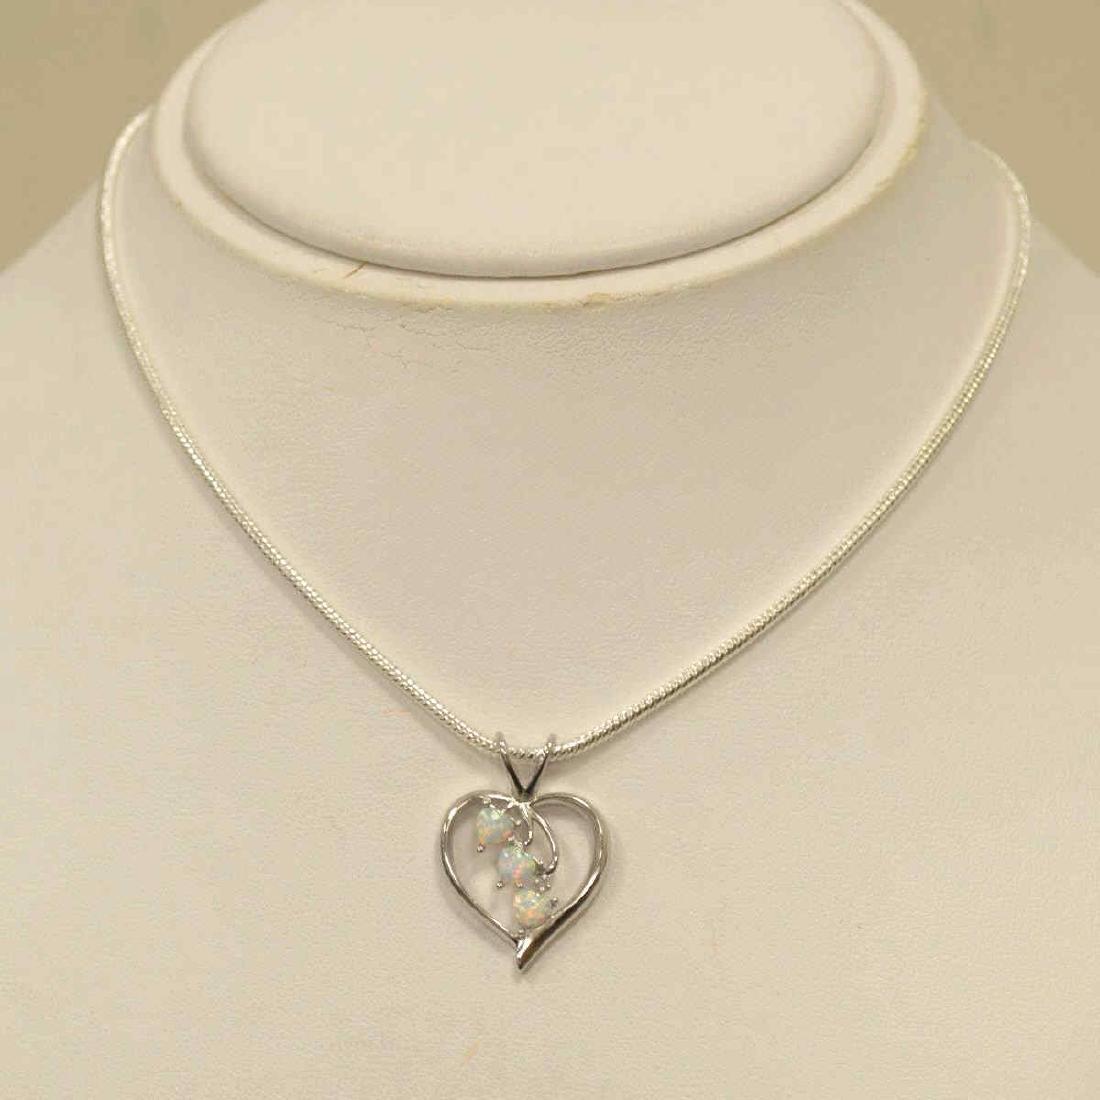 Sterling SIlver opal pendant